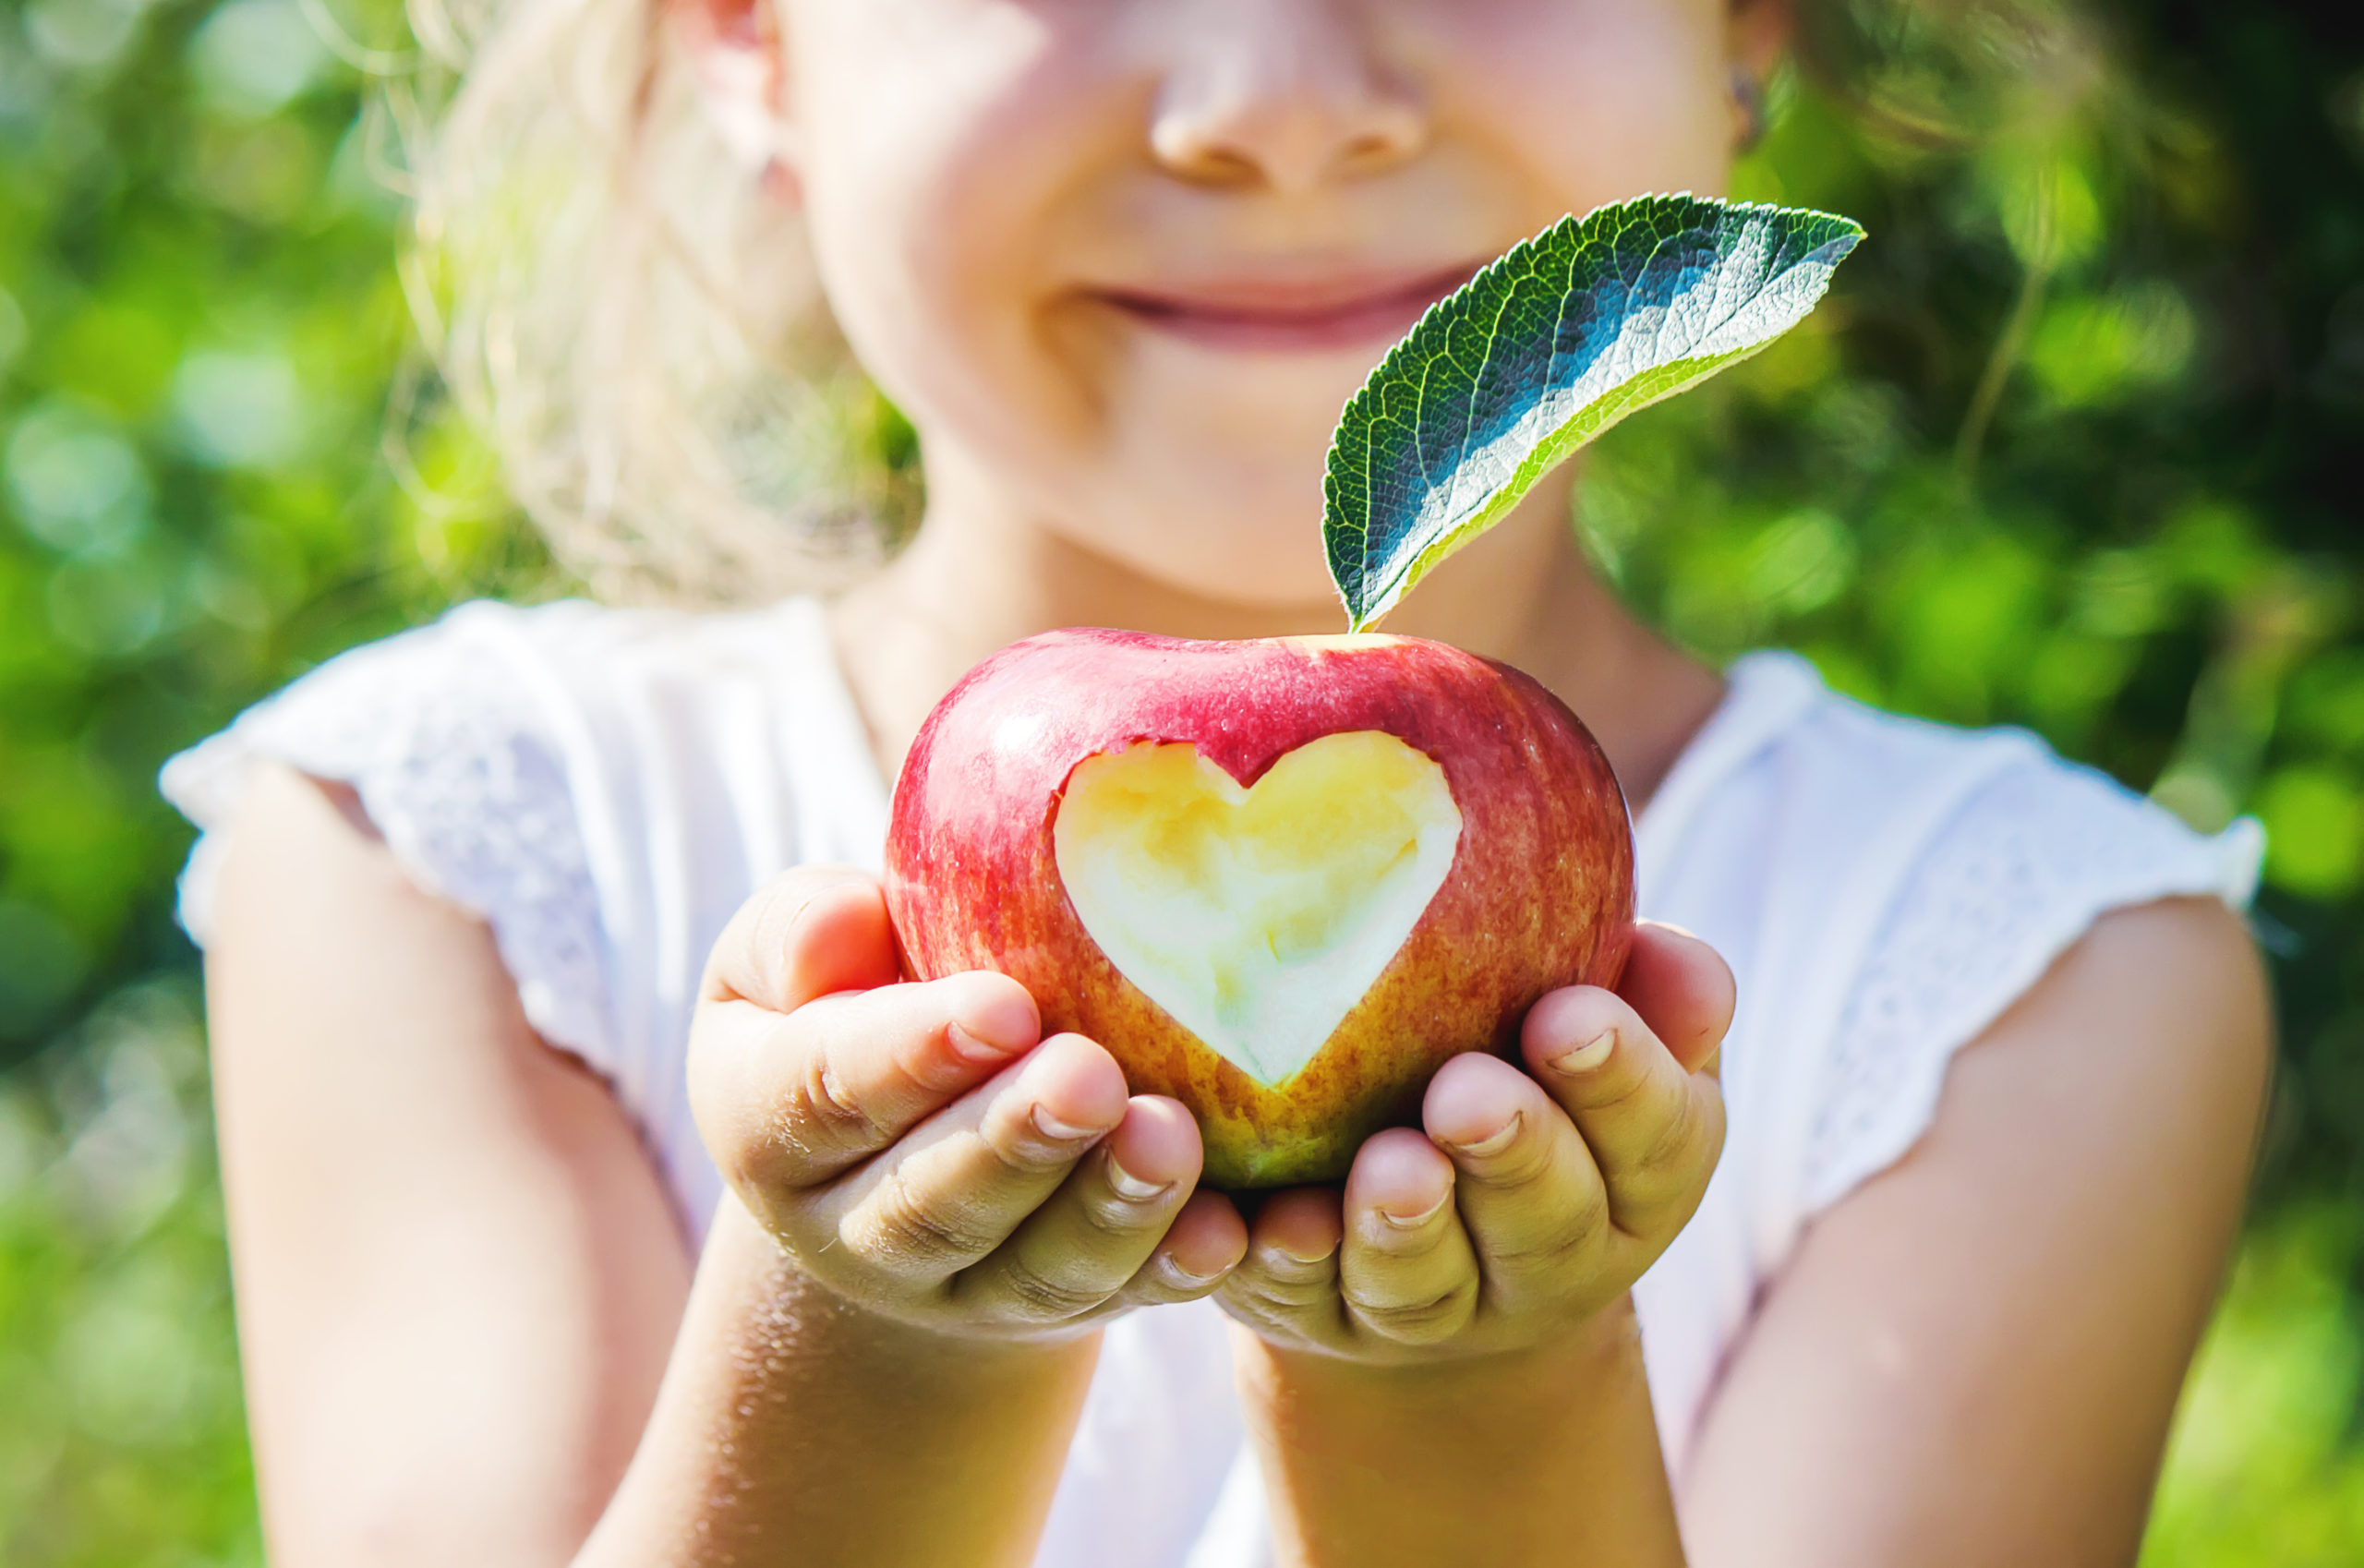 Kind mit Apfel